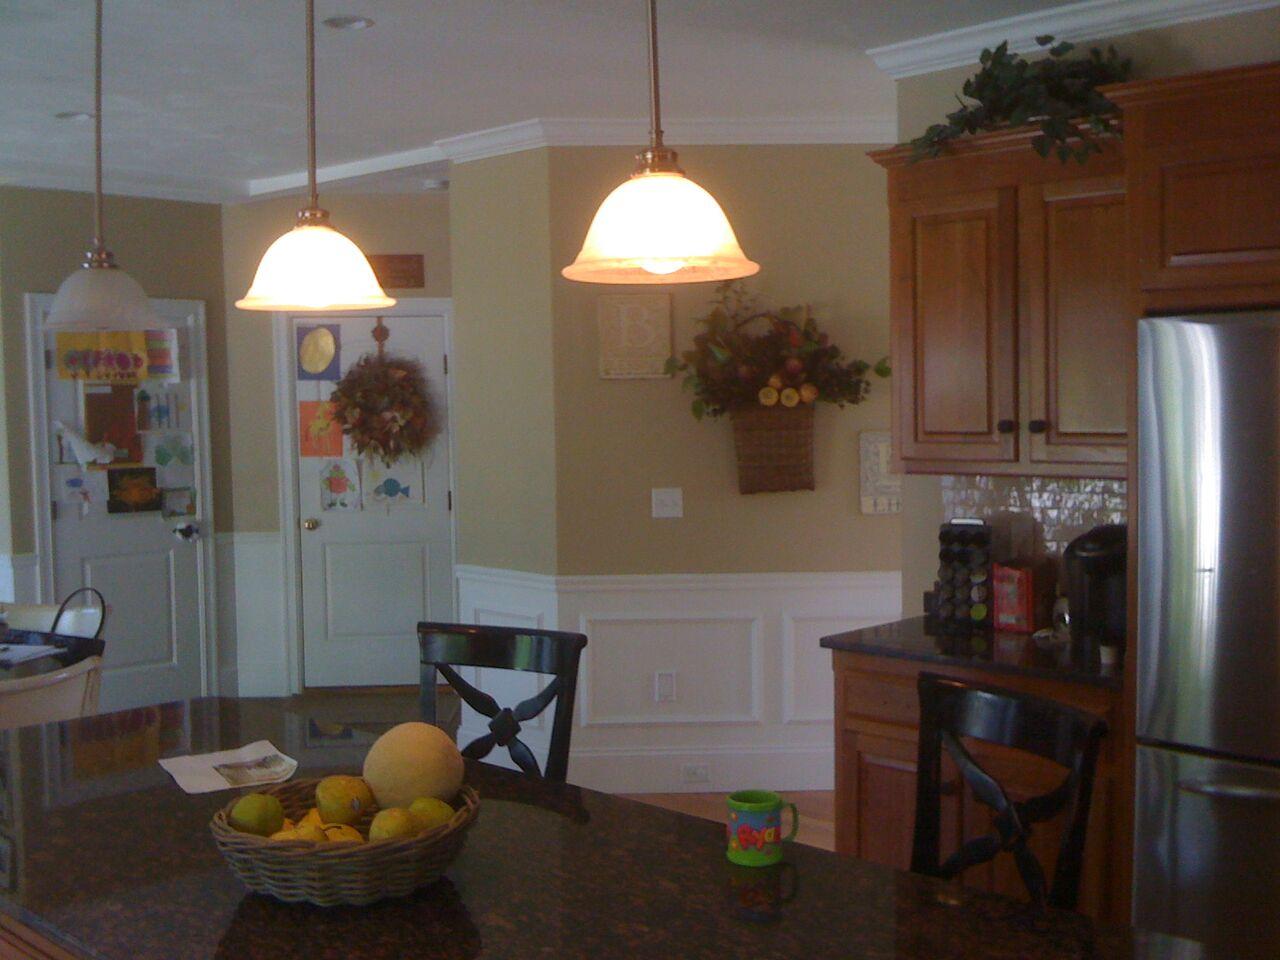 suburban boston kitchen renovation before photo 3